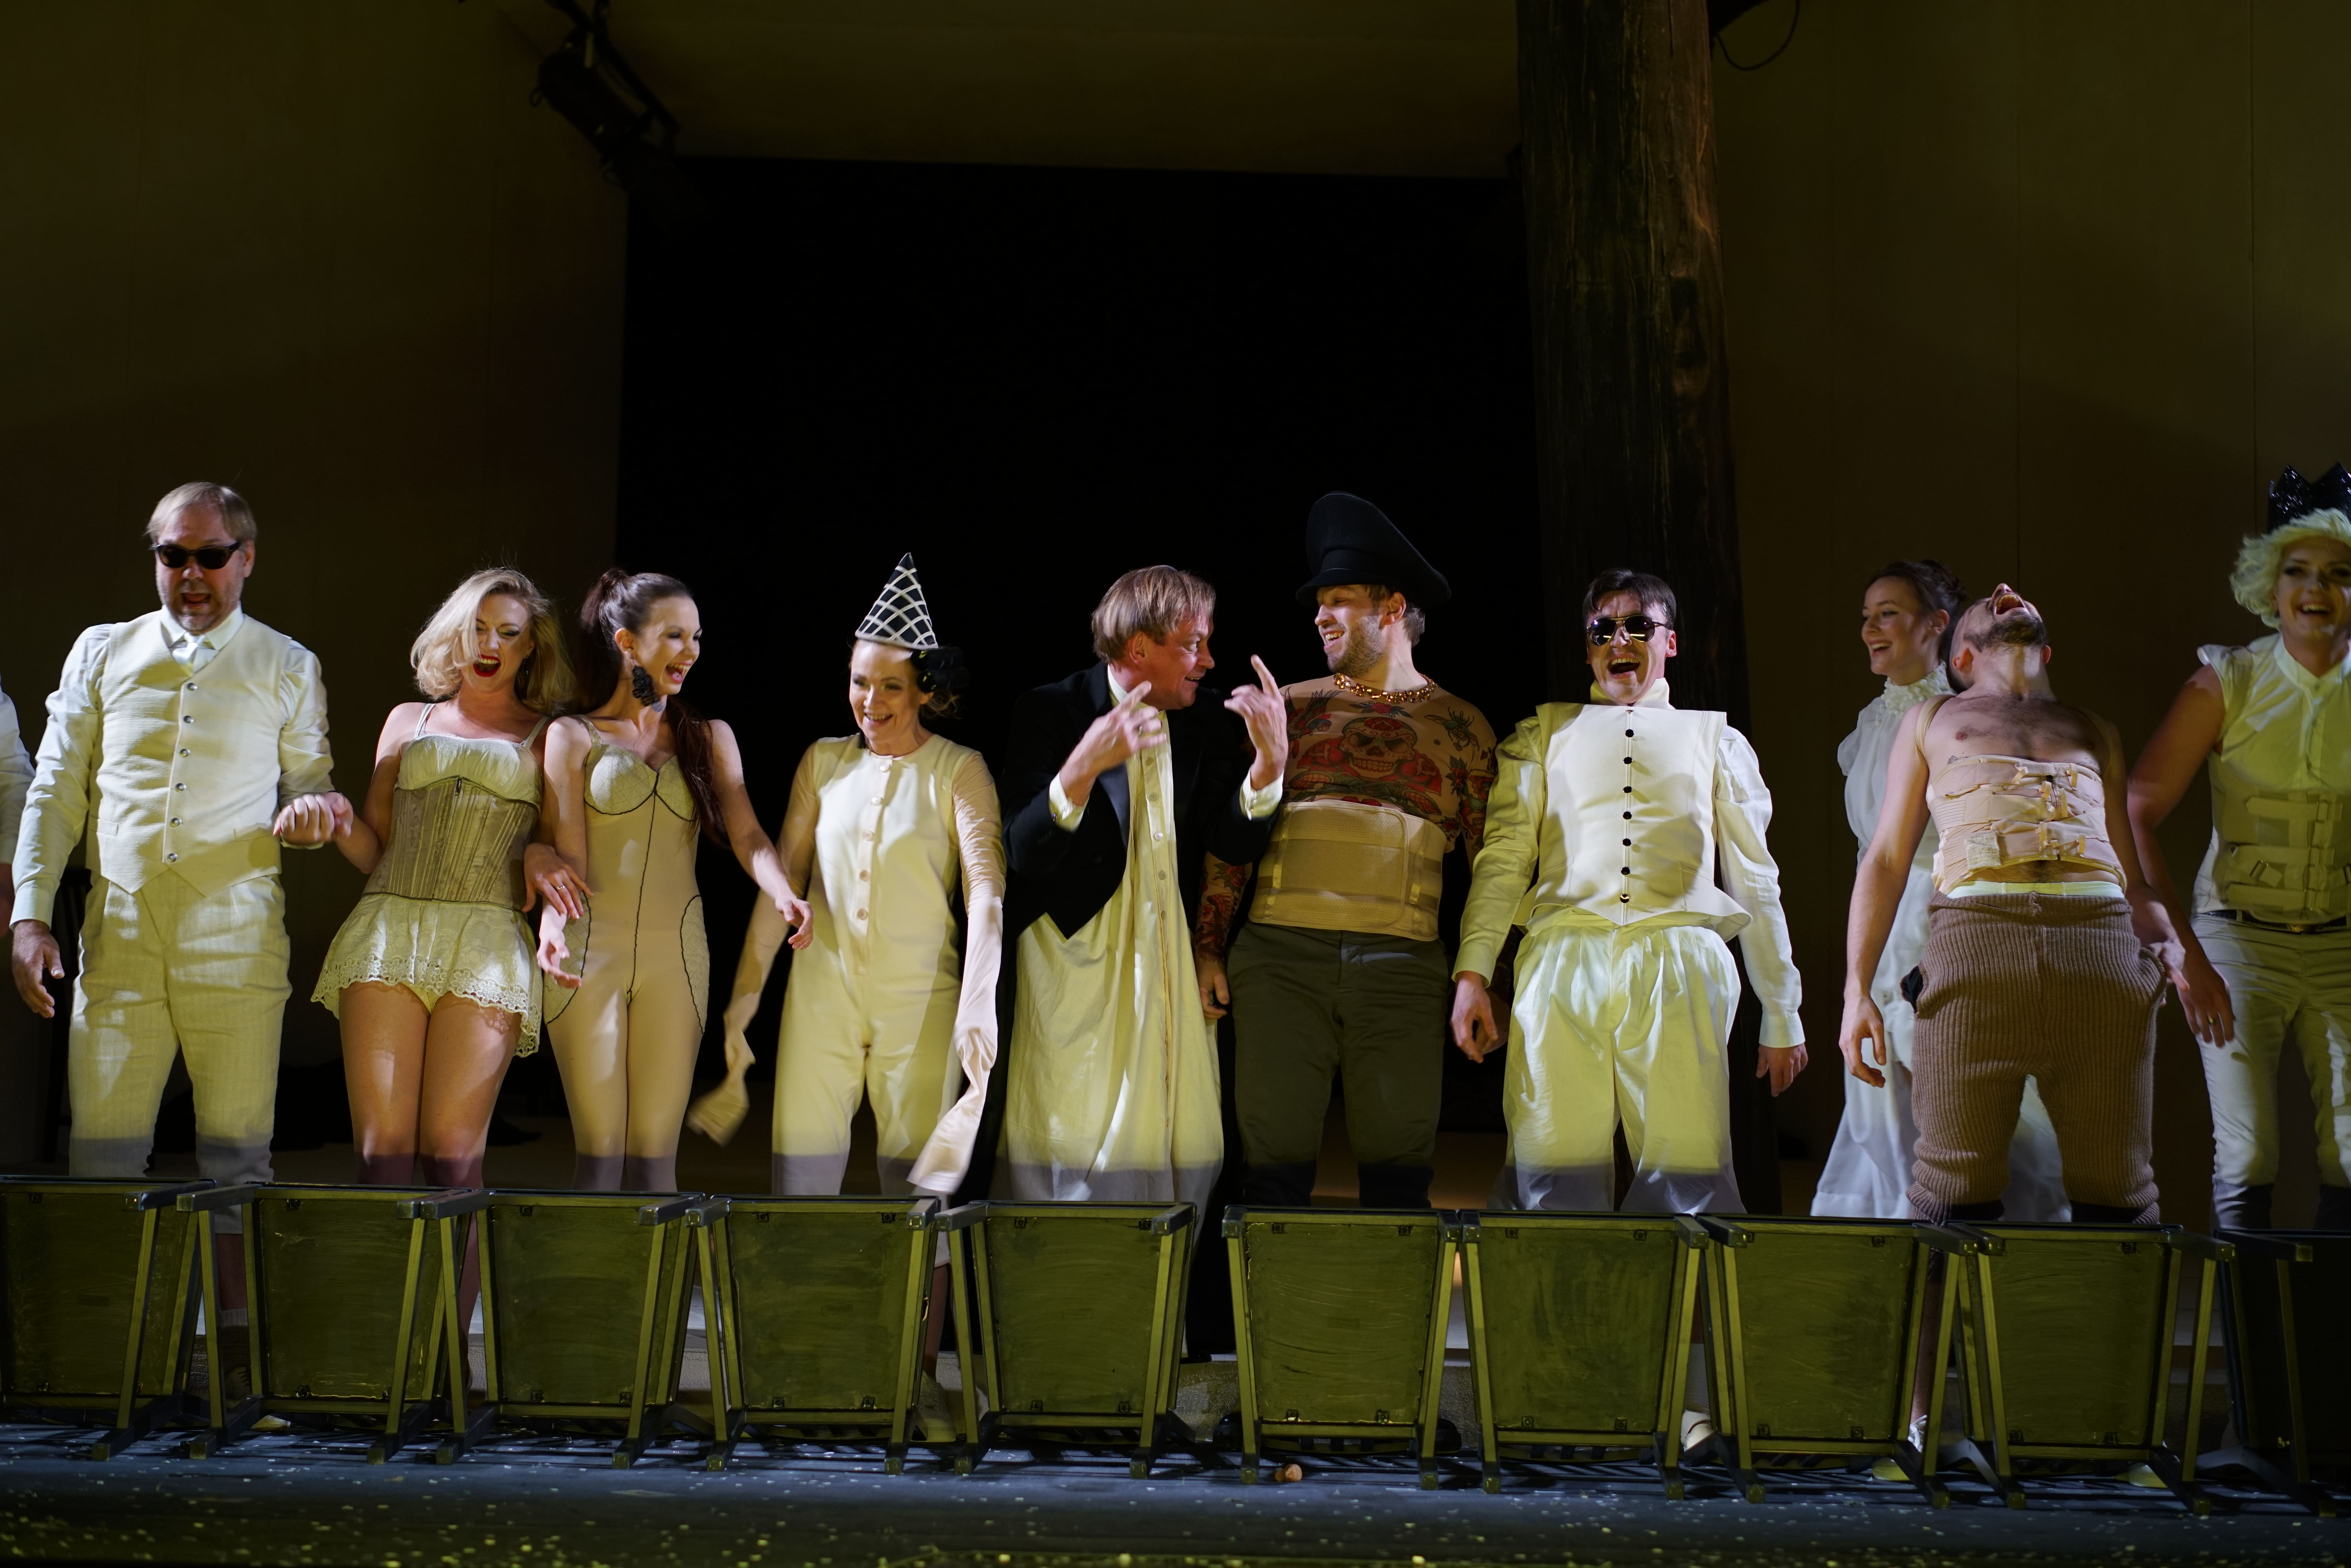 Театр с голыми актрисами, полная версия спектакля с голыми артистами на сцене 13 фотография